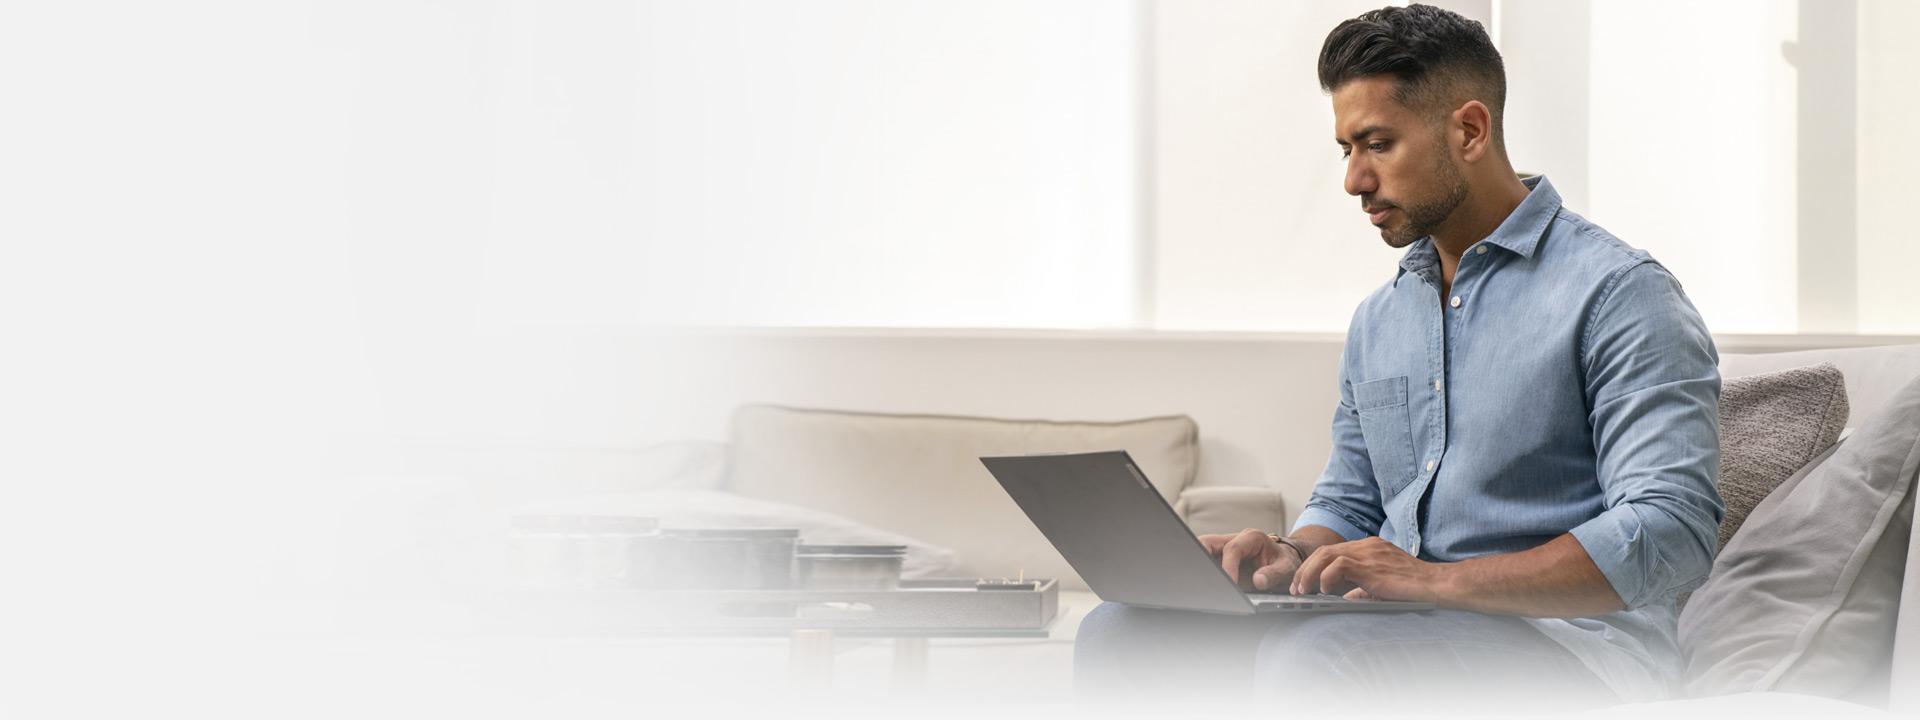 Un uomo utilizza un portatile seduto su un divano